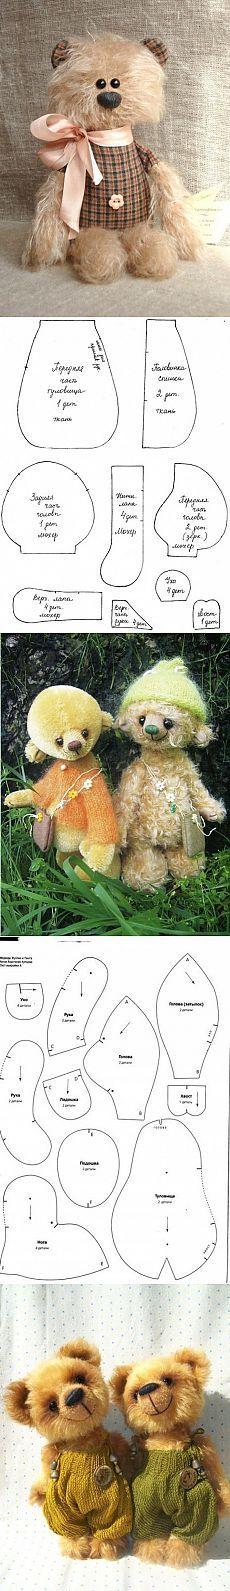 куклы, игрушки 2